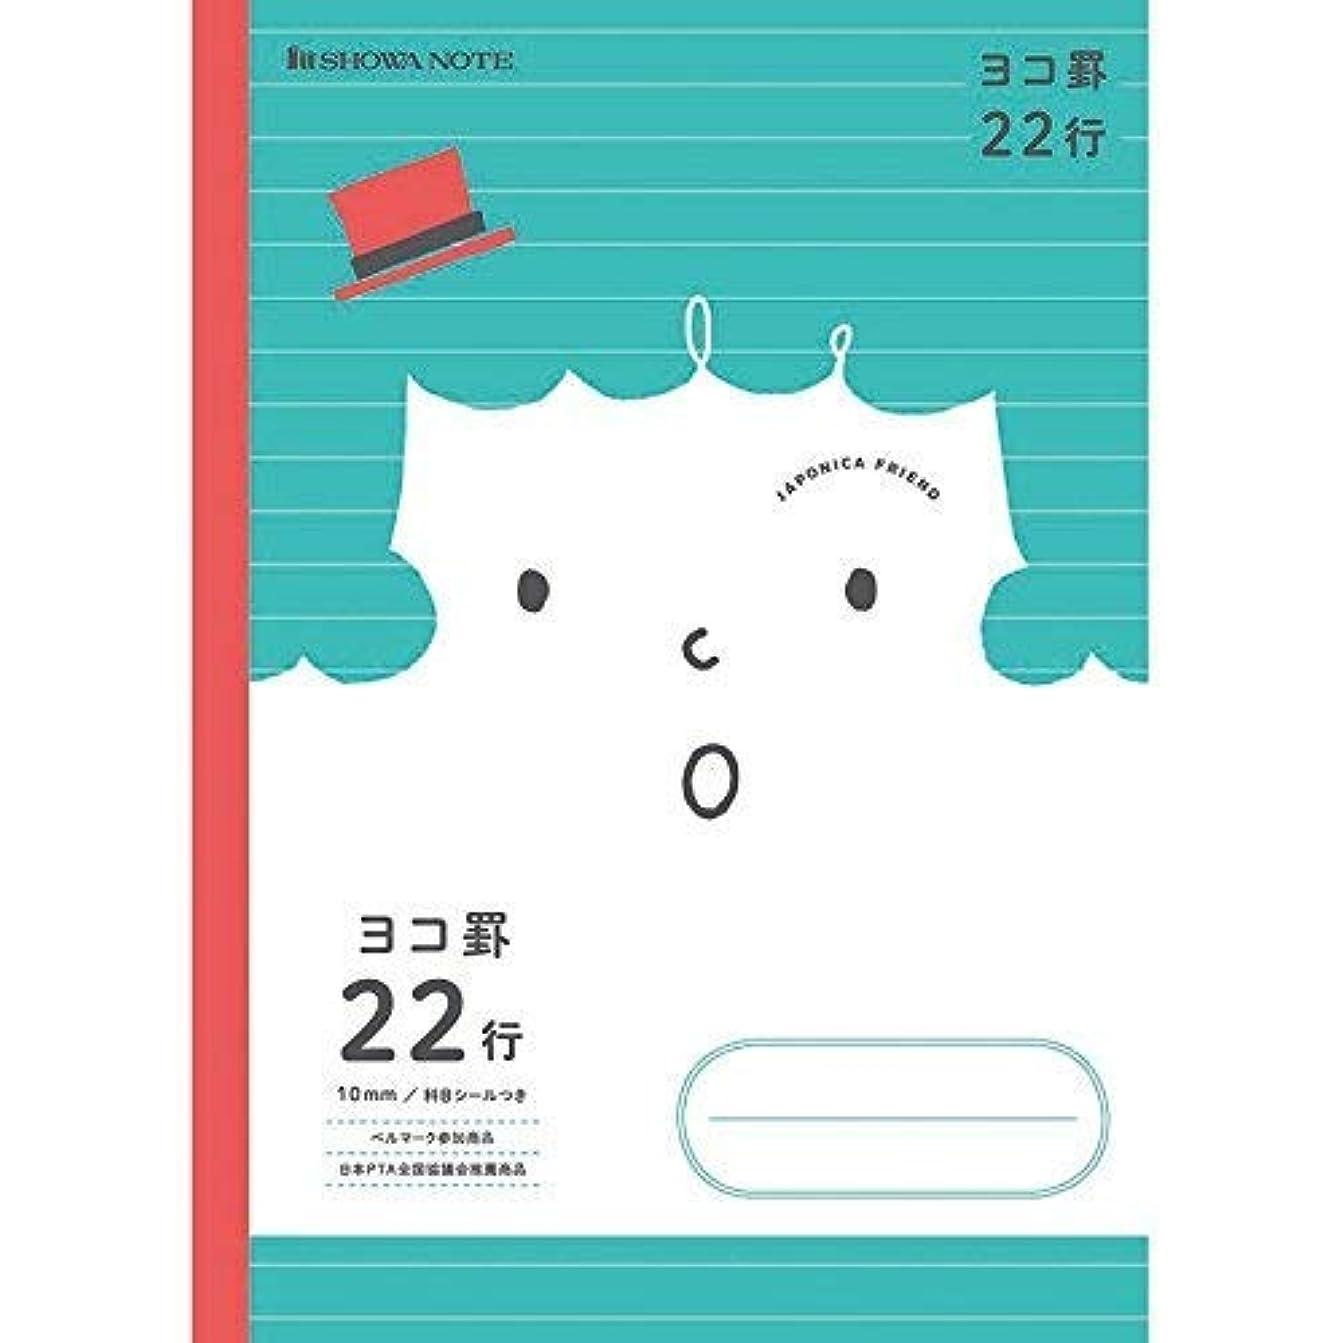 自発きちんとした不規則性ショウワノート ジャポニカ フレンド 学習帳 ヨコ罫 22行